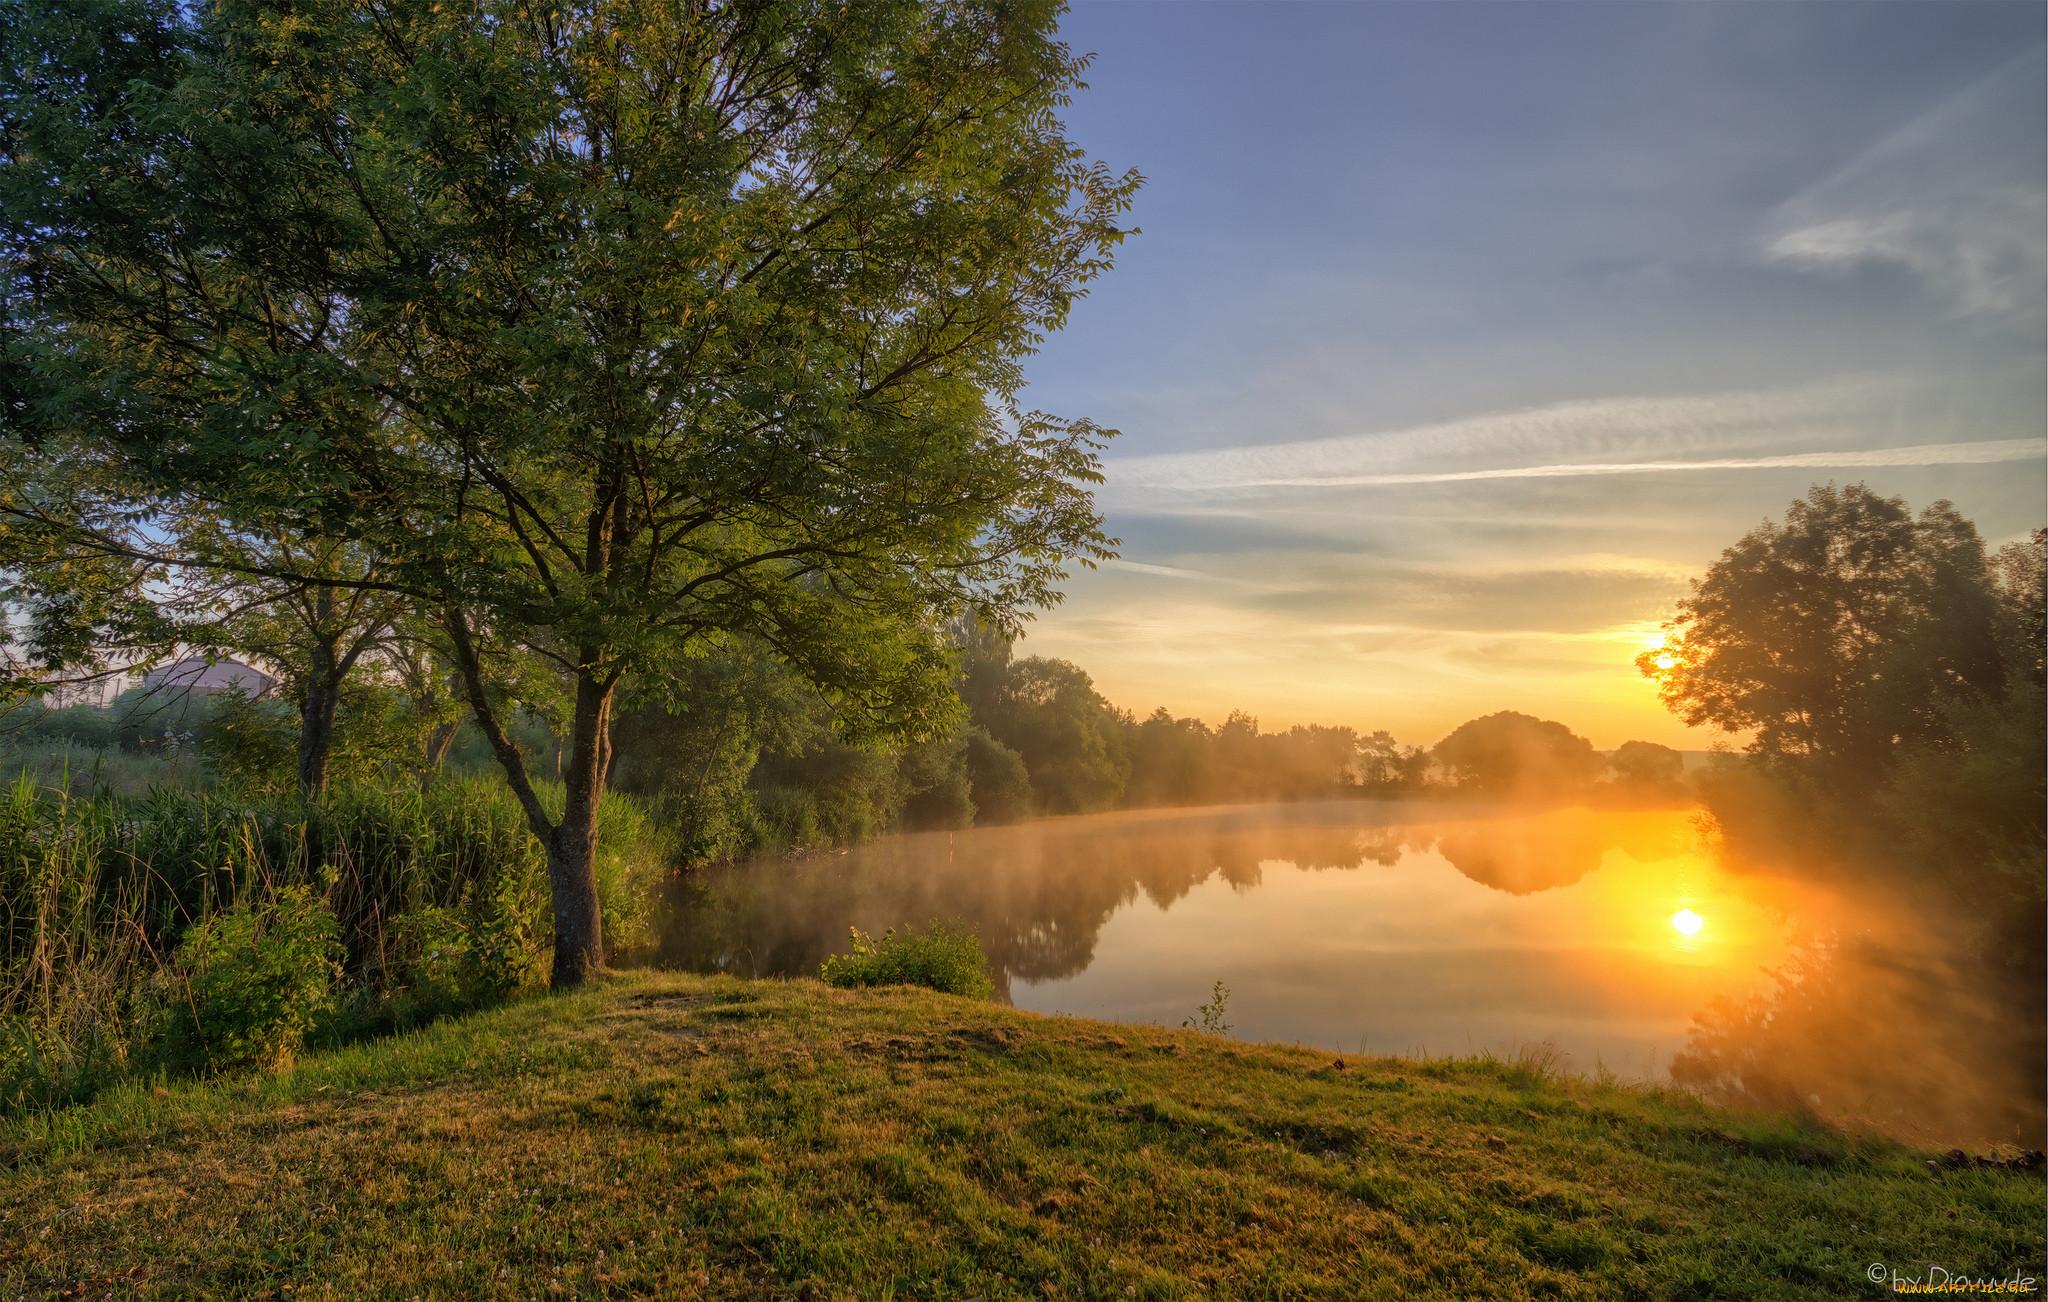 солнца красивые фотографии утро природа растения собрали